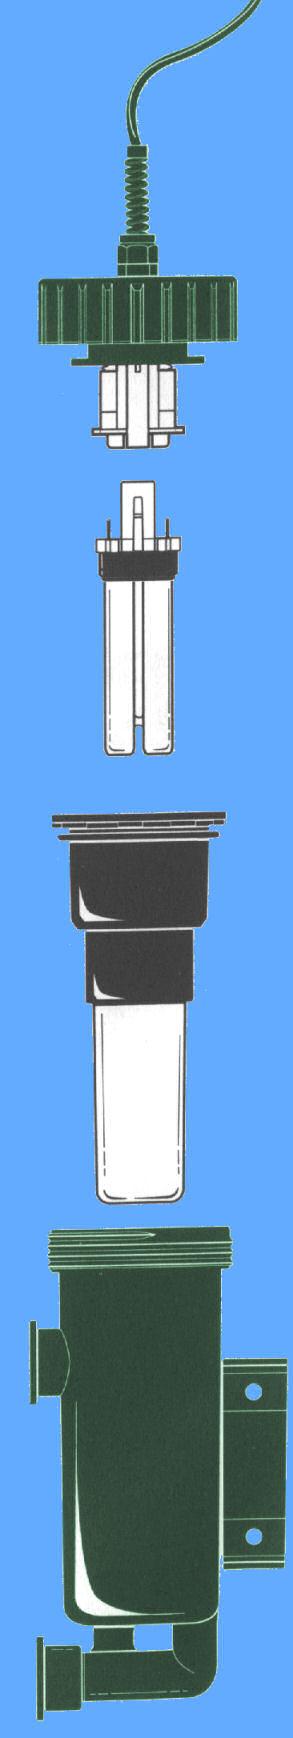 uv kl rer. Black Bedroom Furniture Sets. Home Design Ideas